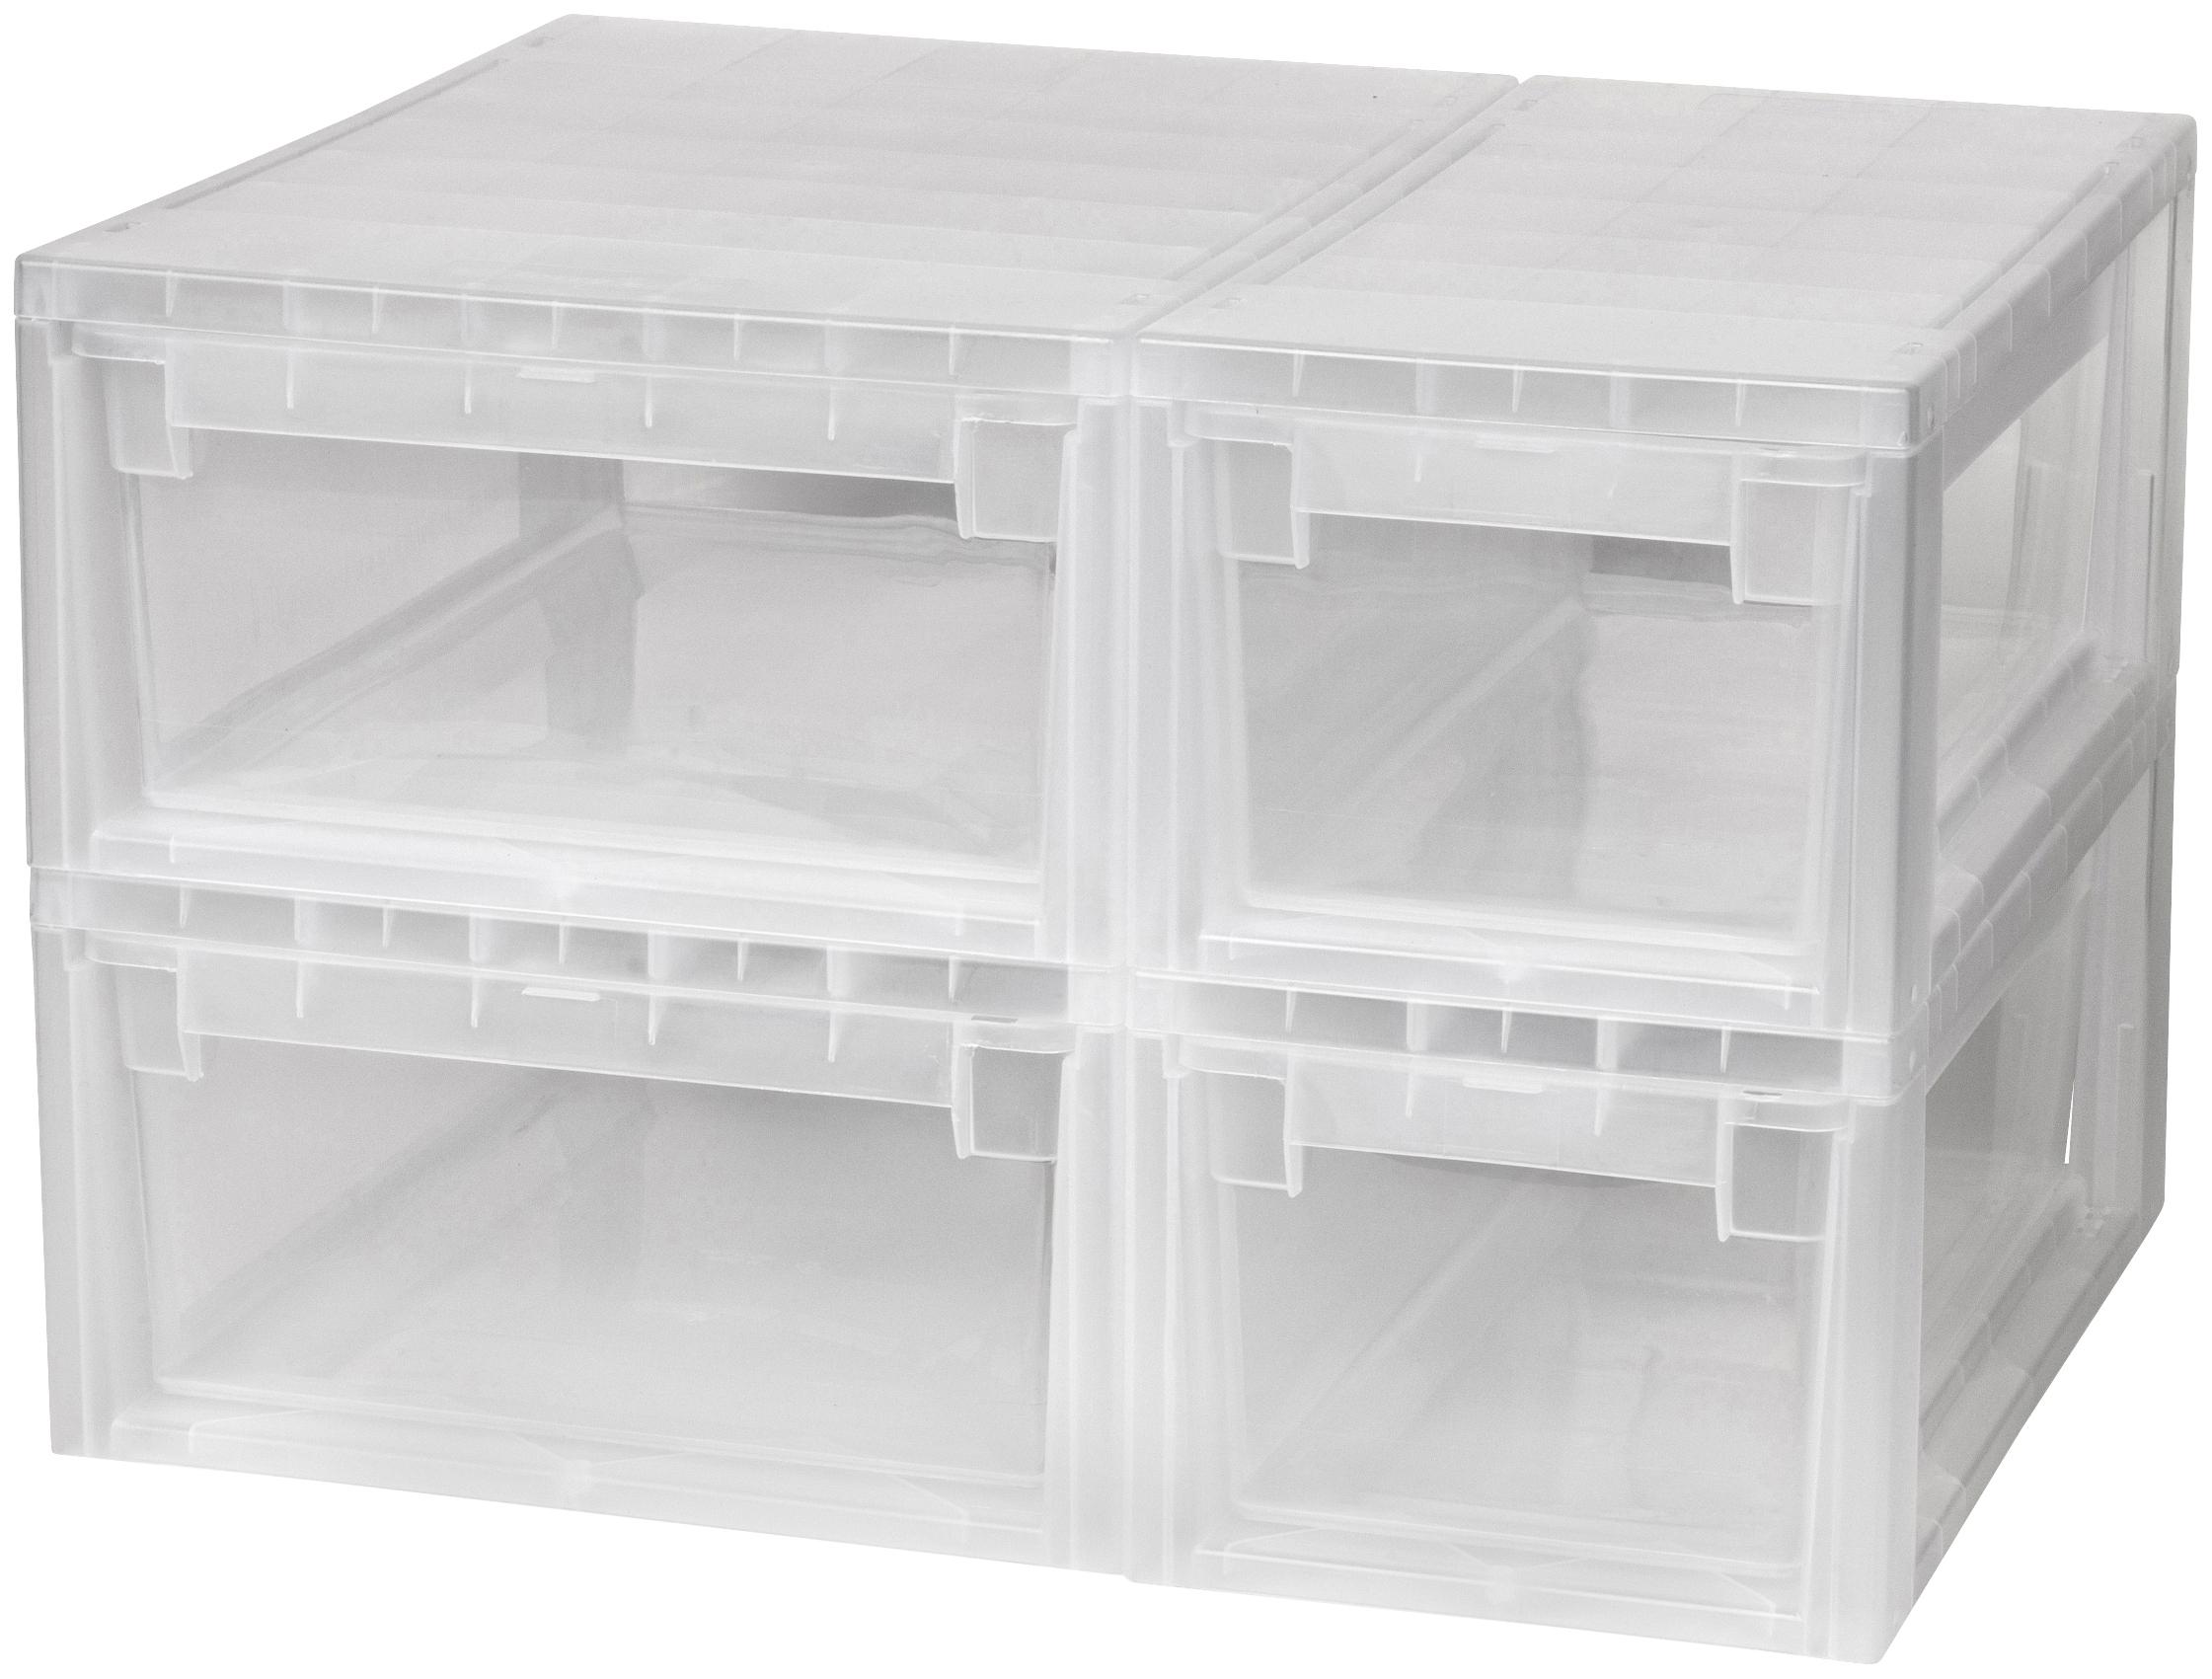 Kreher Aufbewahrungsbox, (Set, 4 St.) farblos Kleideraufbewahrung Aufbewahrung Ordnung Wohnaccessoires Aufbewahrungsbox